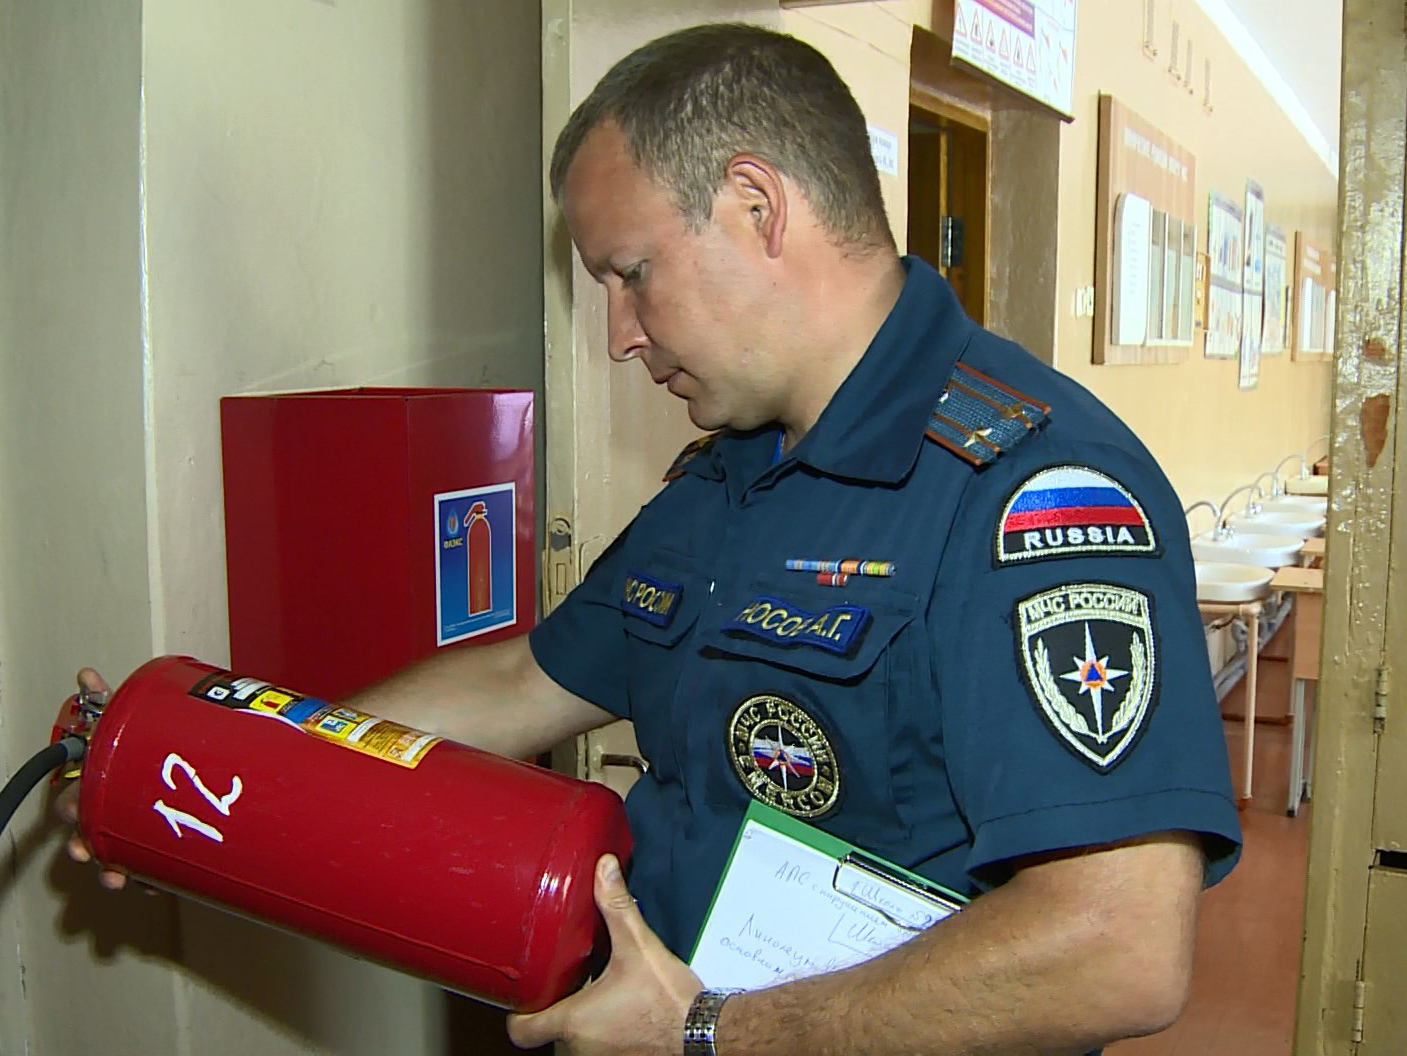 картинка пожарный инспектор краснодара фото, ценами